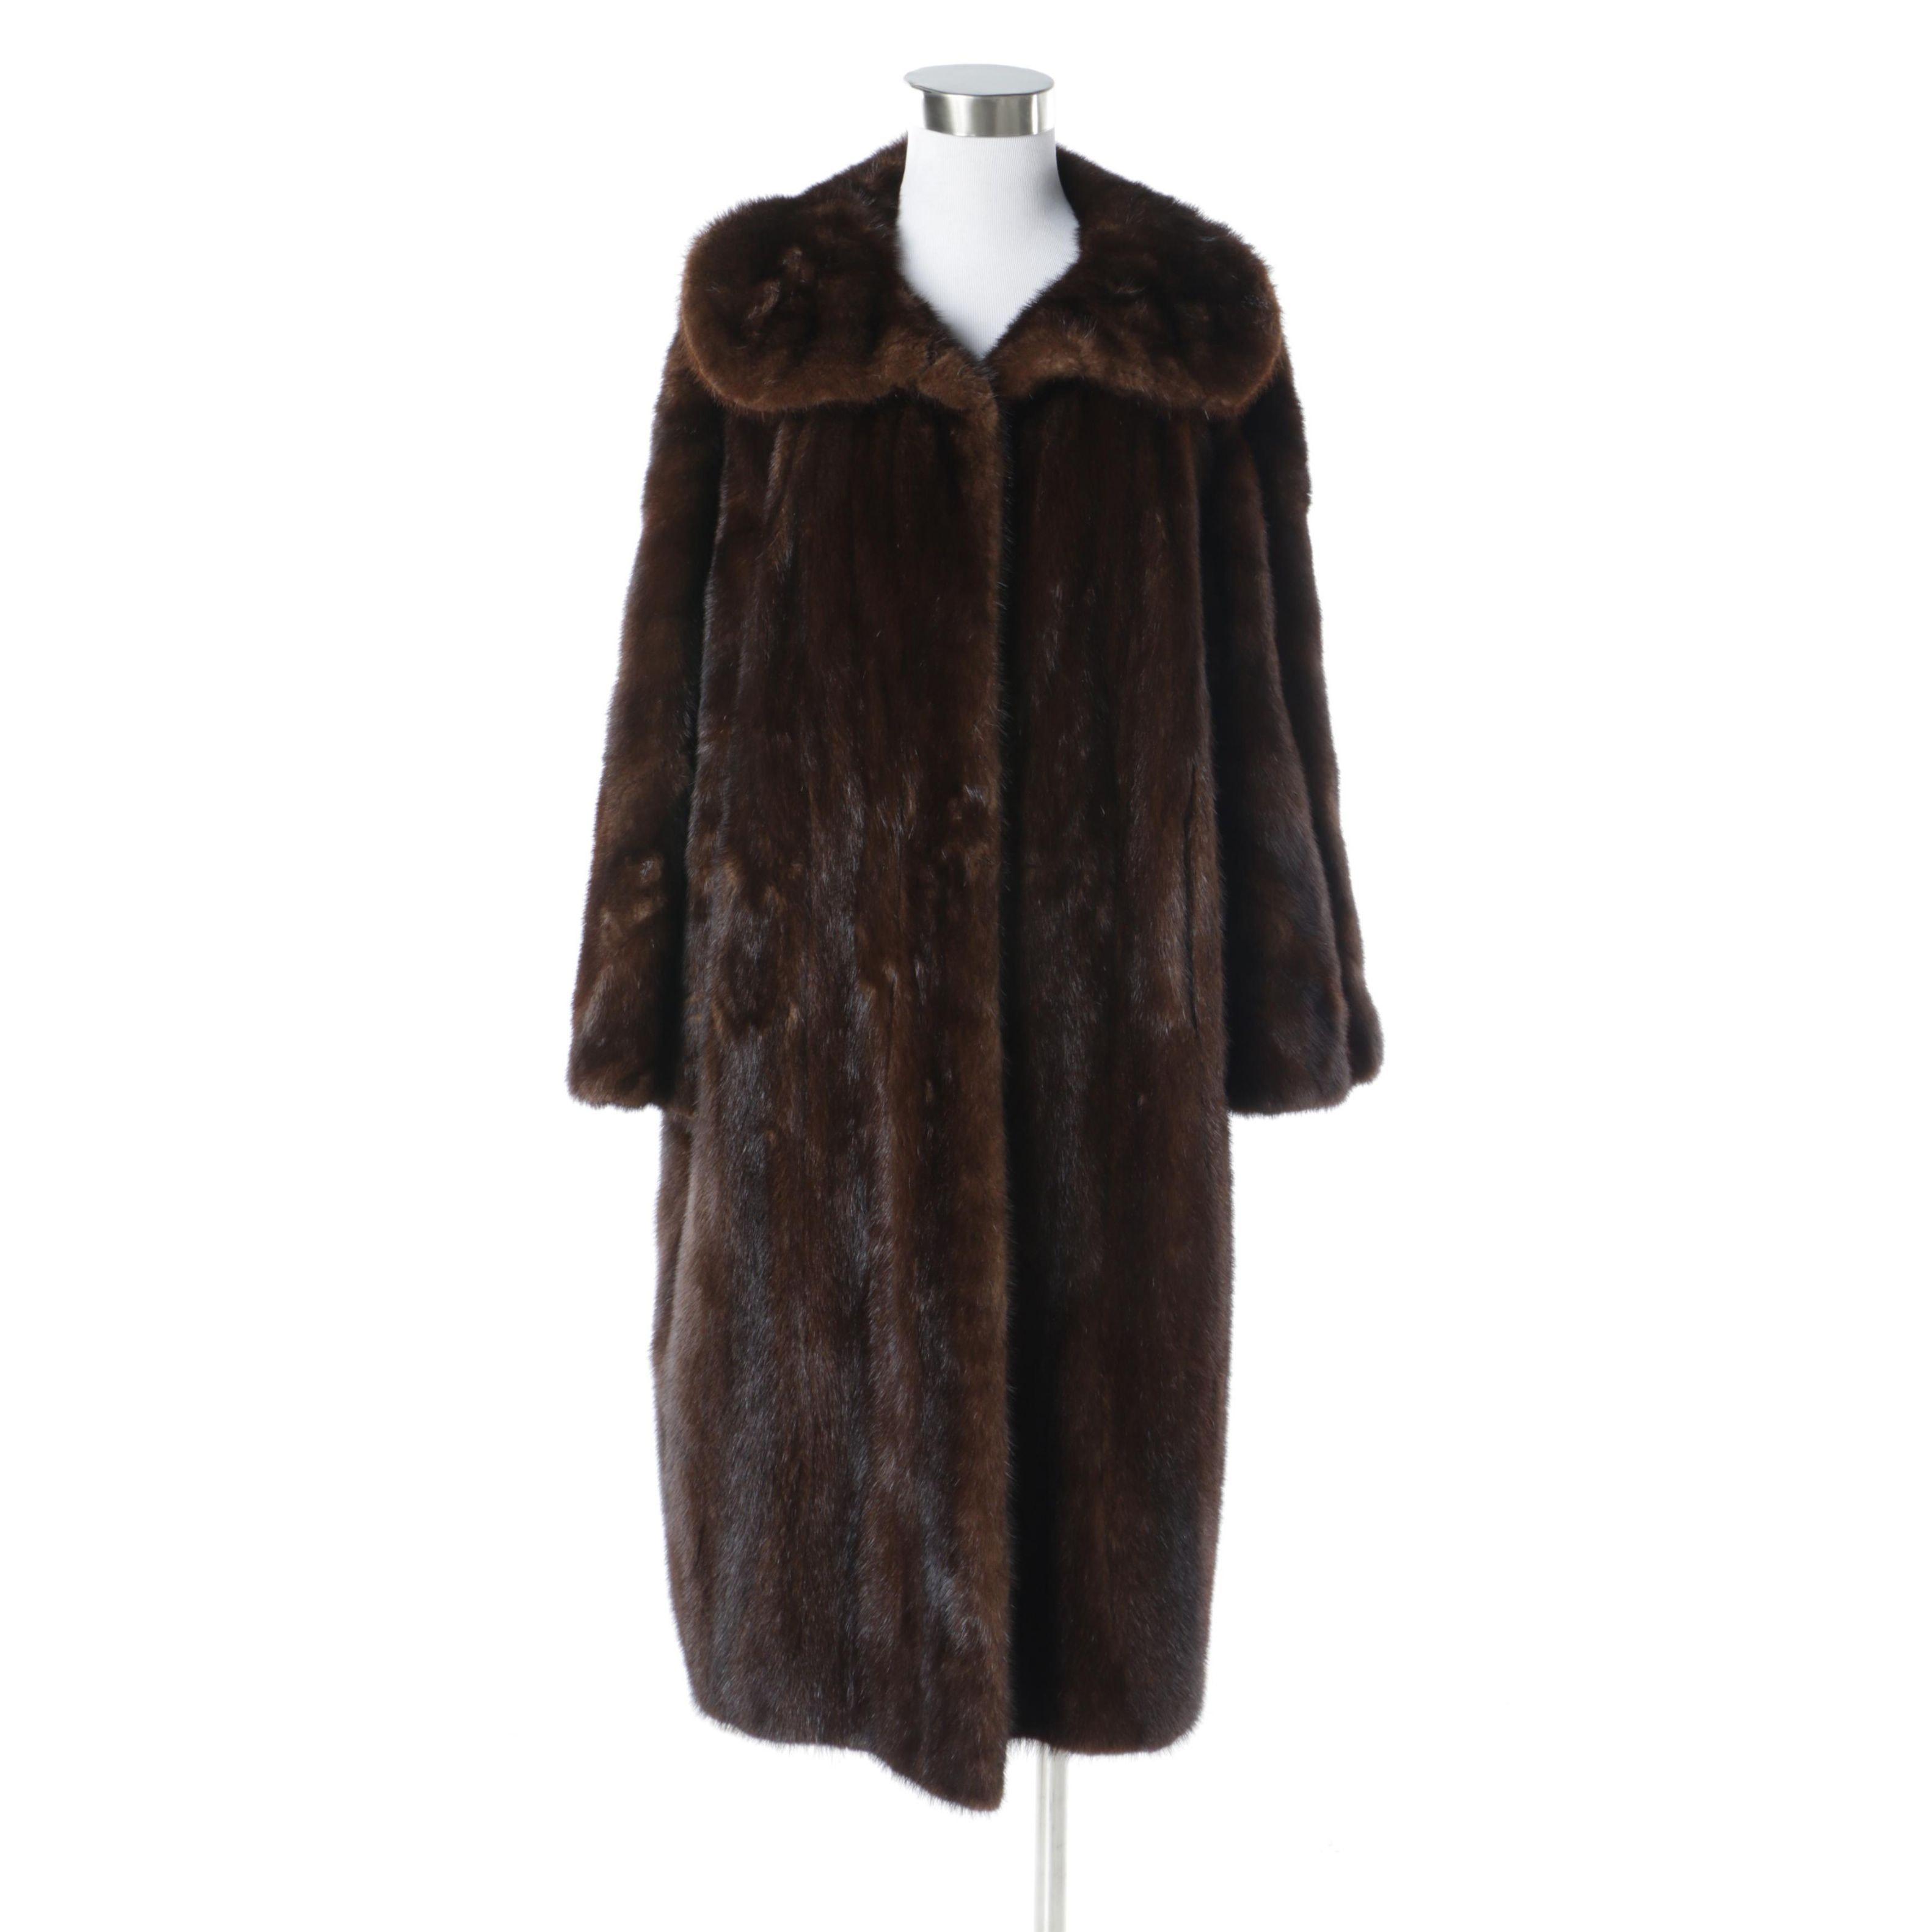 Leonard Furs of Baltimore Mahogany Mink Fur Coat